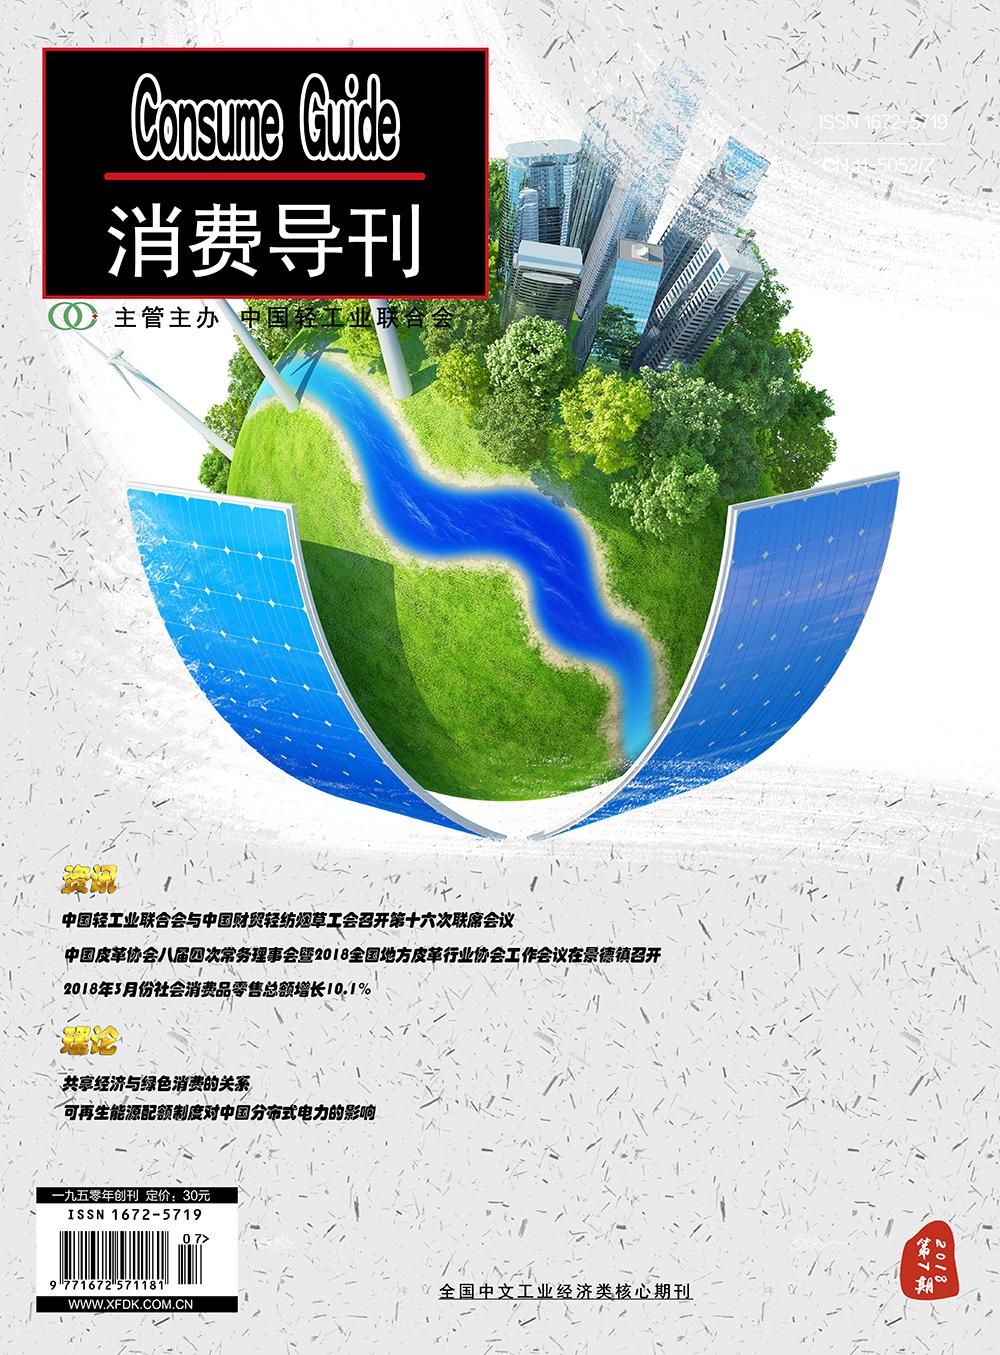 消费导刊2018年第7期